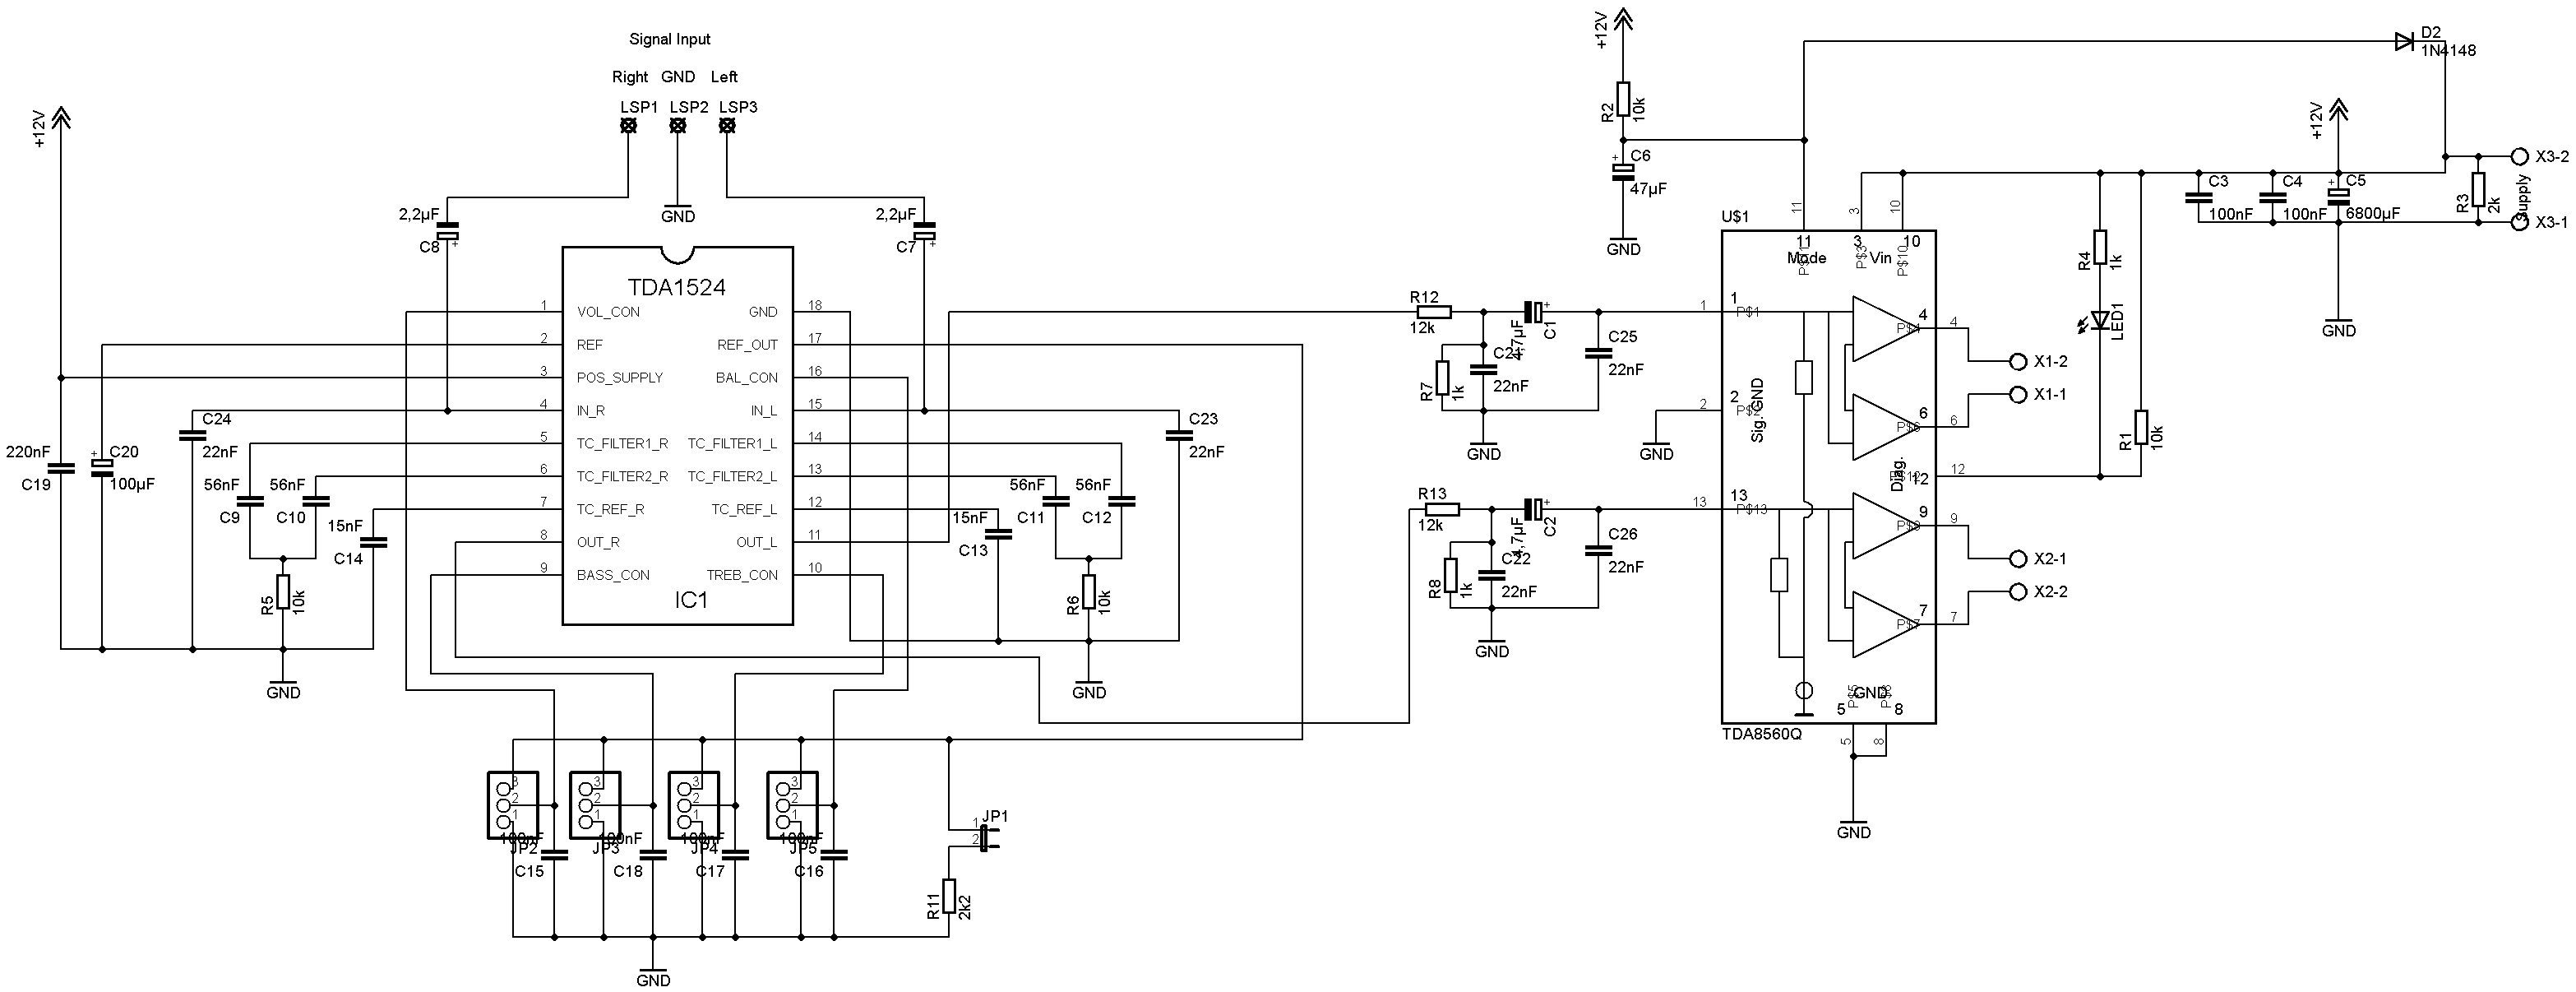 Klicke auf die Grafik für eine größere Ansicht  Name:Verstärkerschaltplan.jpg Hits:3219 Größe:257,4 KB ID:310329